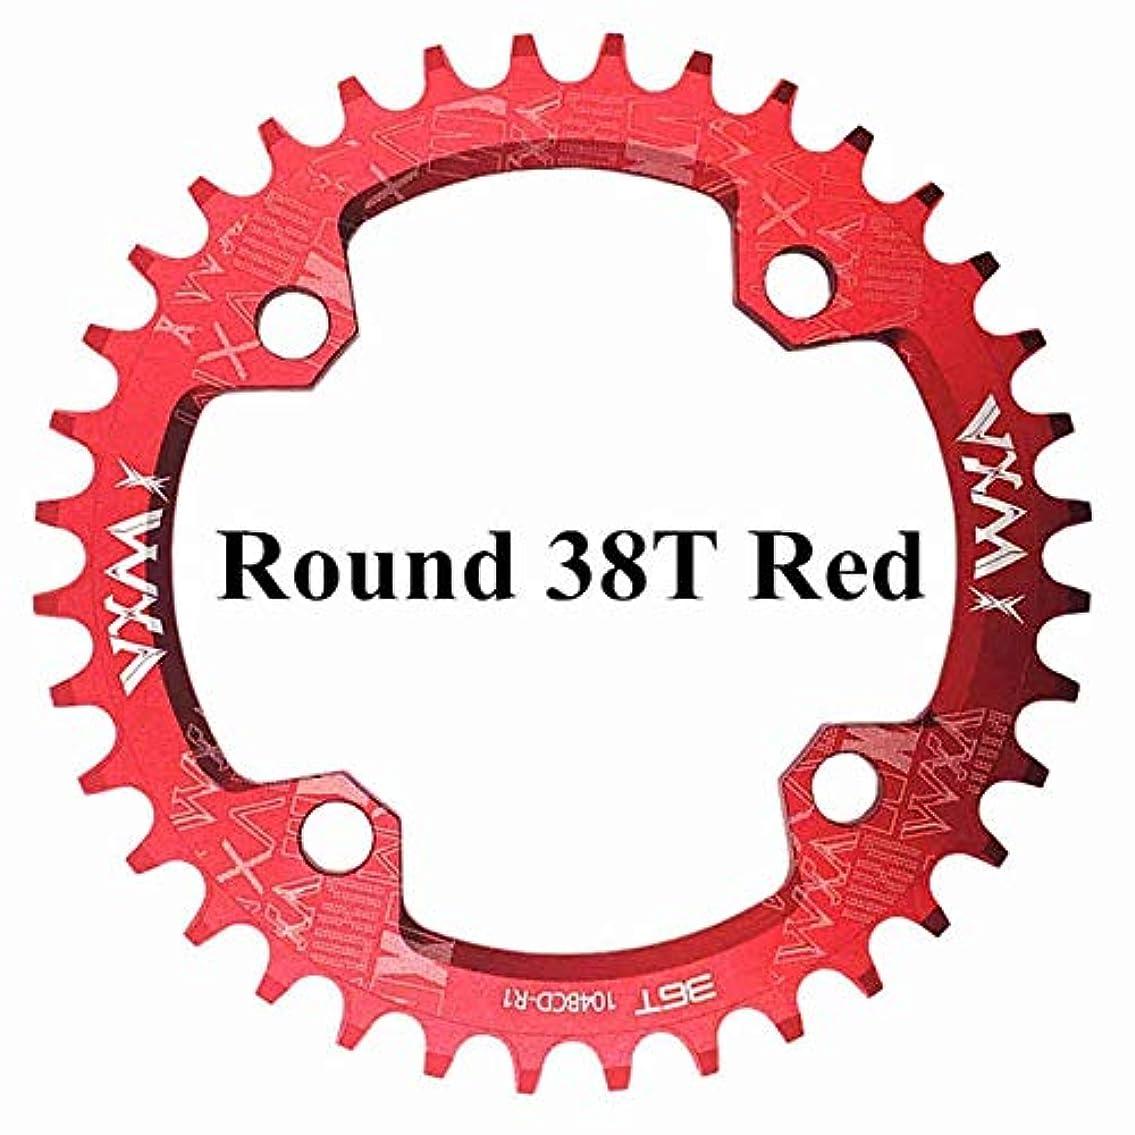 多様性不器用ギターPropenary - 自転車104BCDクランクオーバルラウンド30T 32T 34T 36T 38T 40T 42T 44T 46T 48T 50T 52TチェーンホイールXT狭い広い自転車チェーンリング[ラウンド38Tレッド]